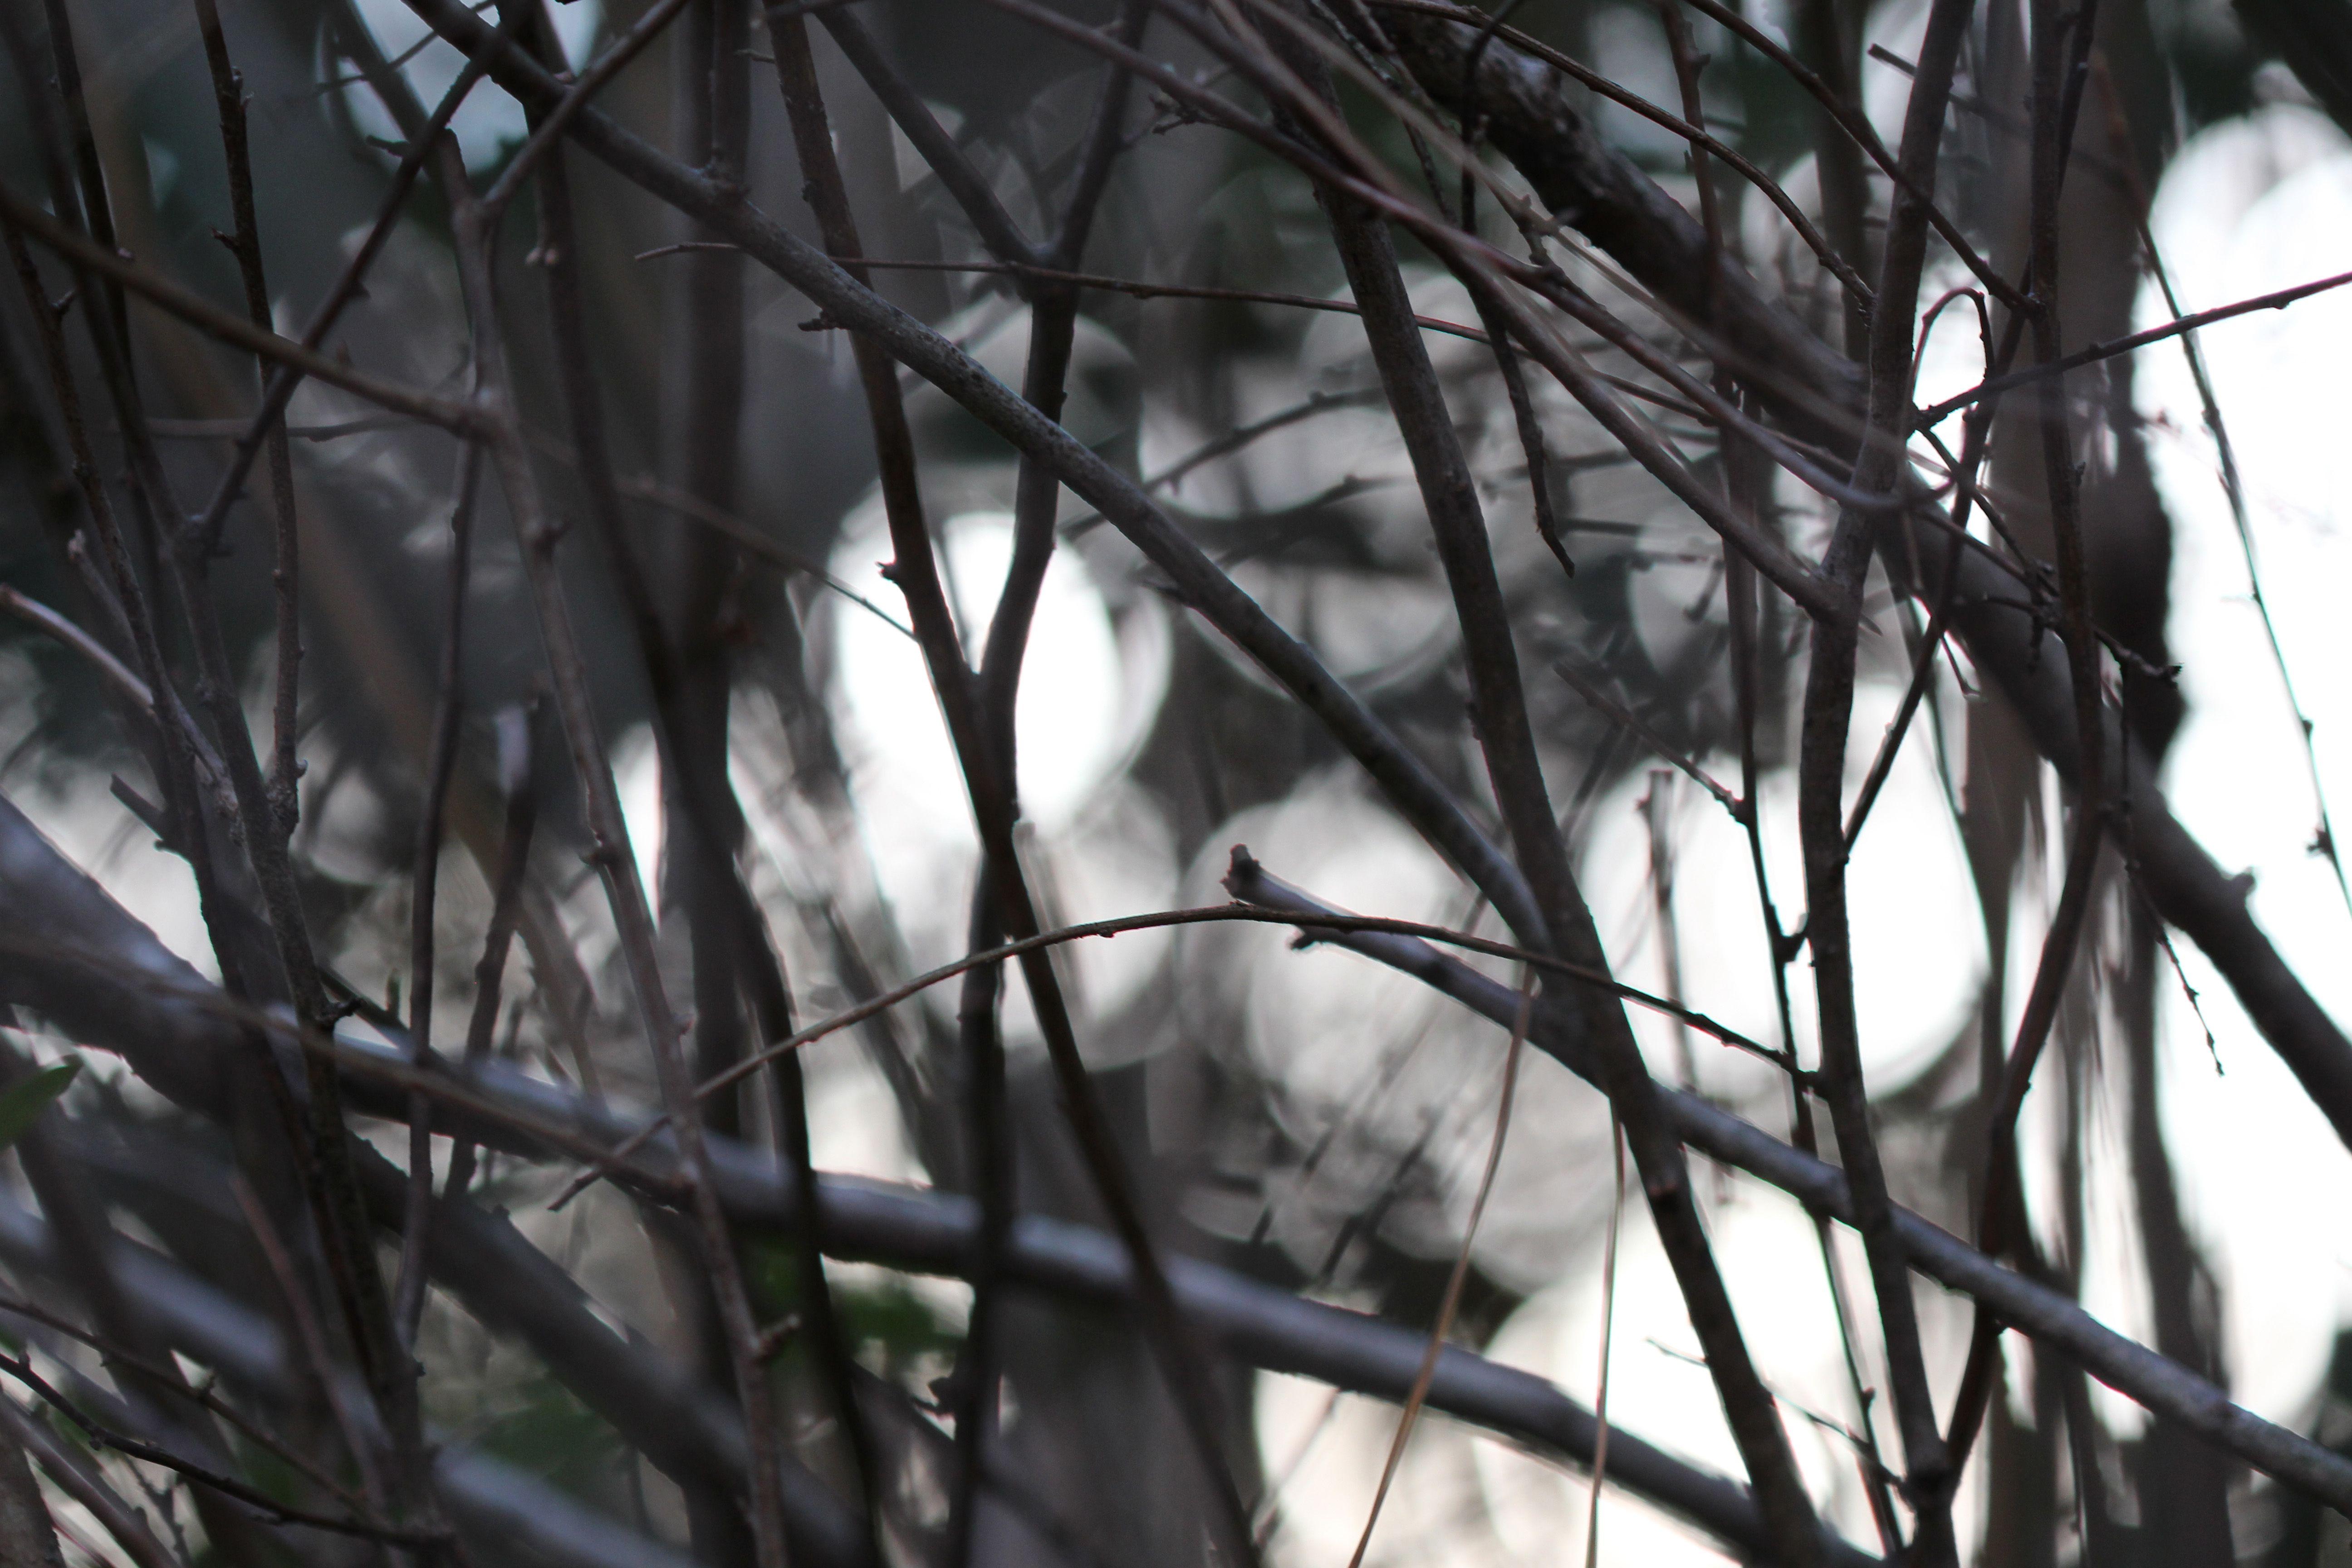 Winter Light Canon Rebel T5i EF100mm f/2.8 lens f/2.8 1/125